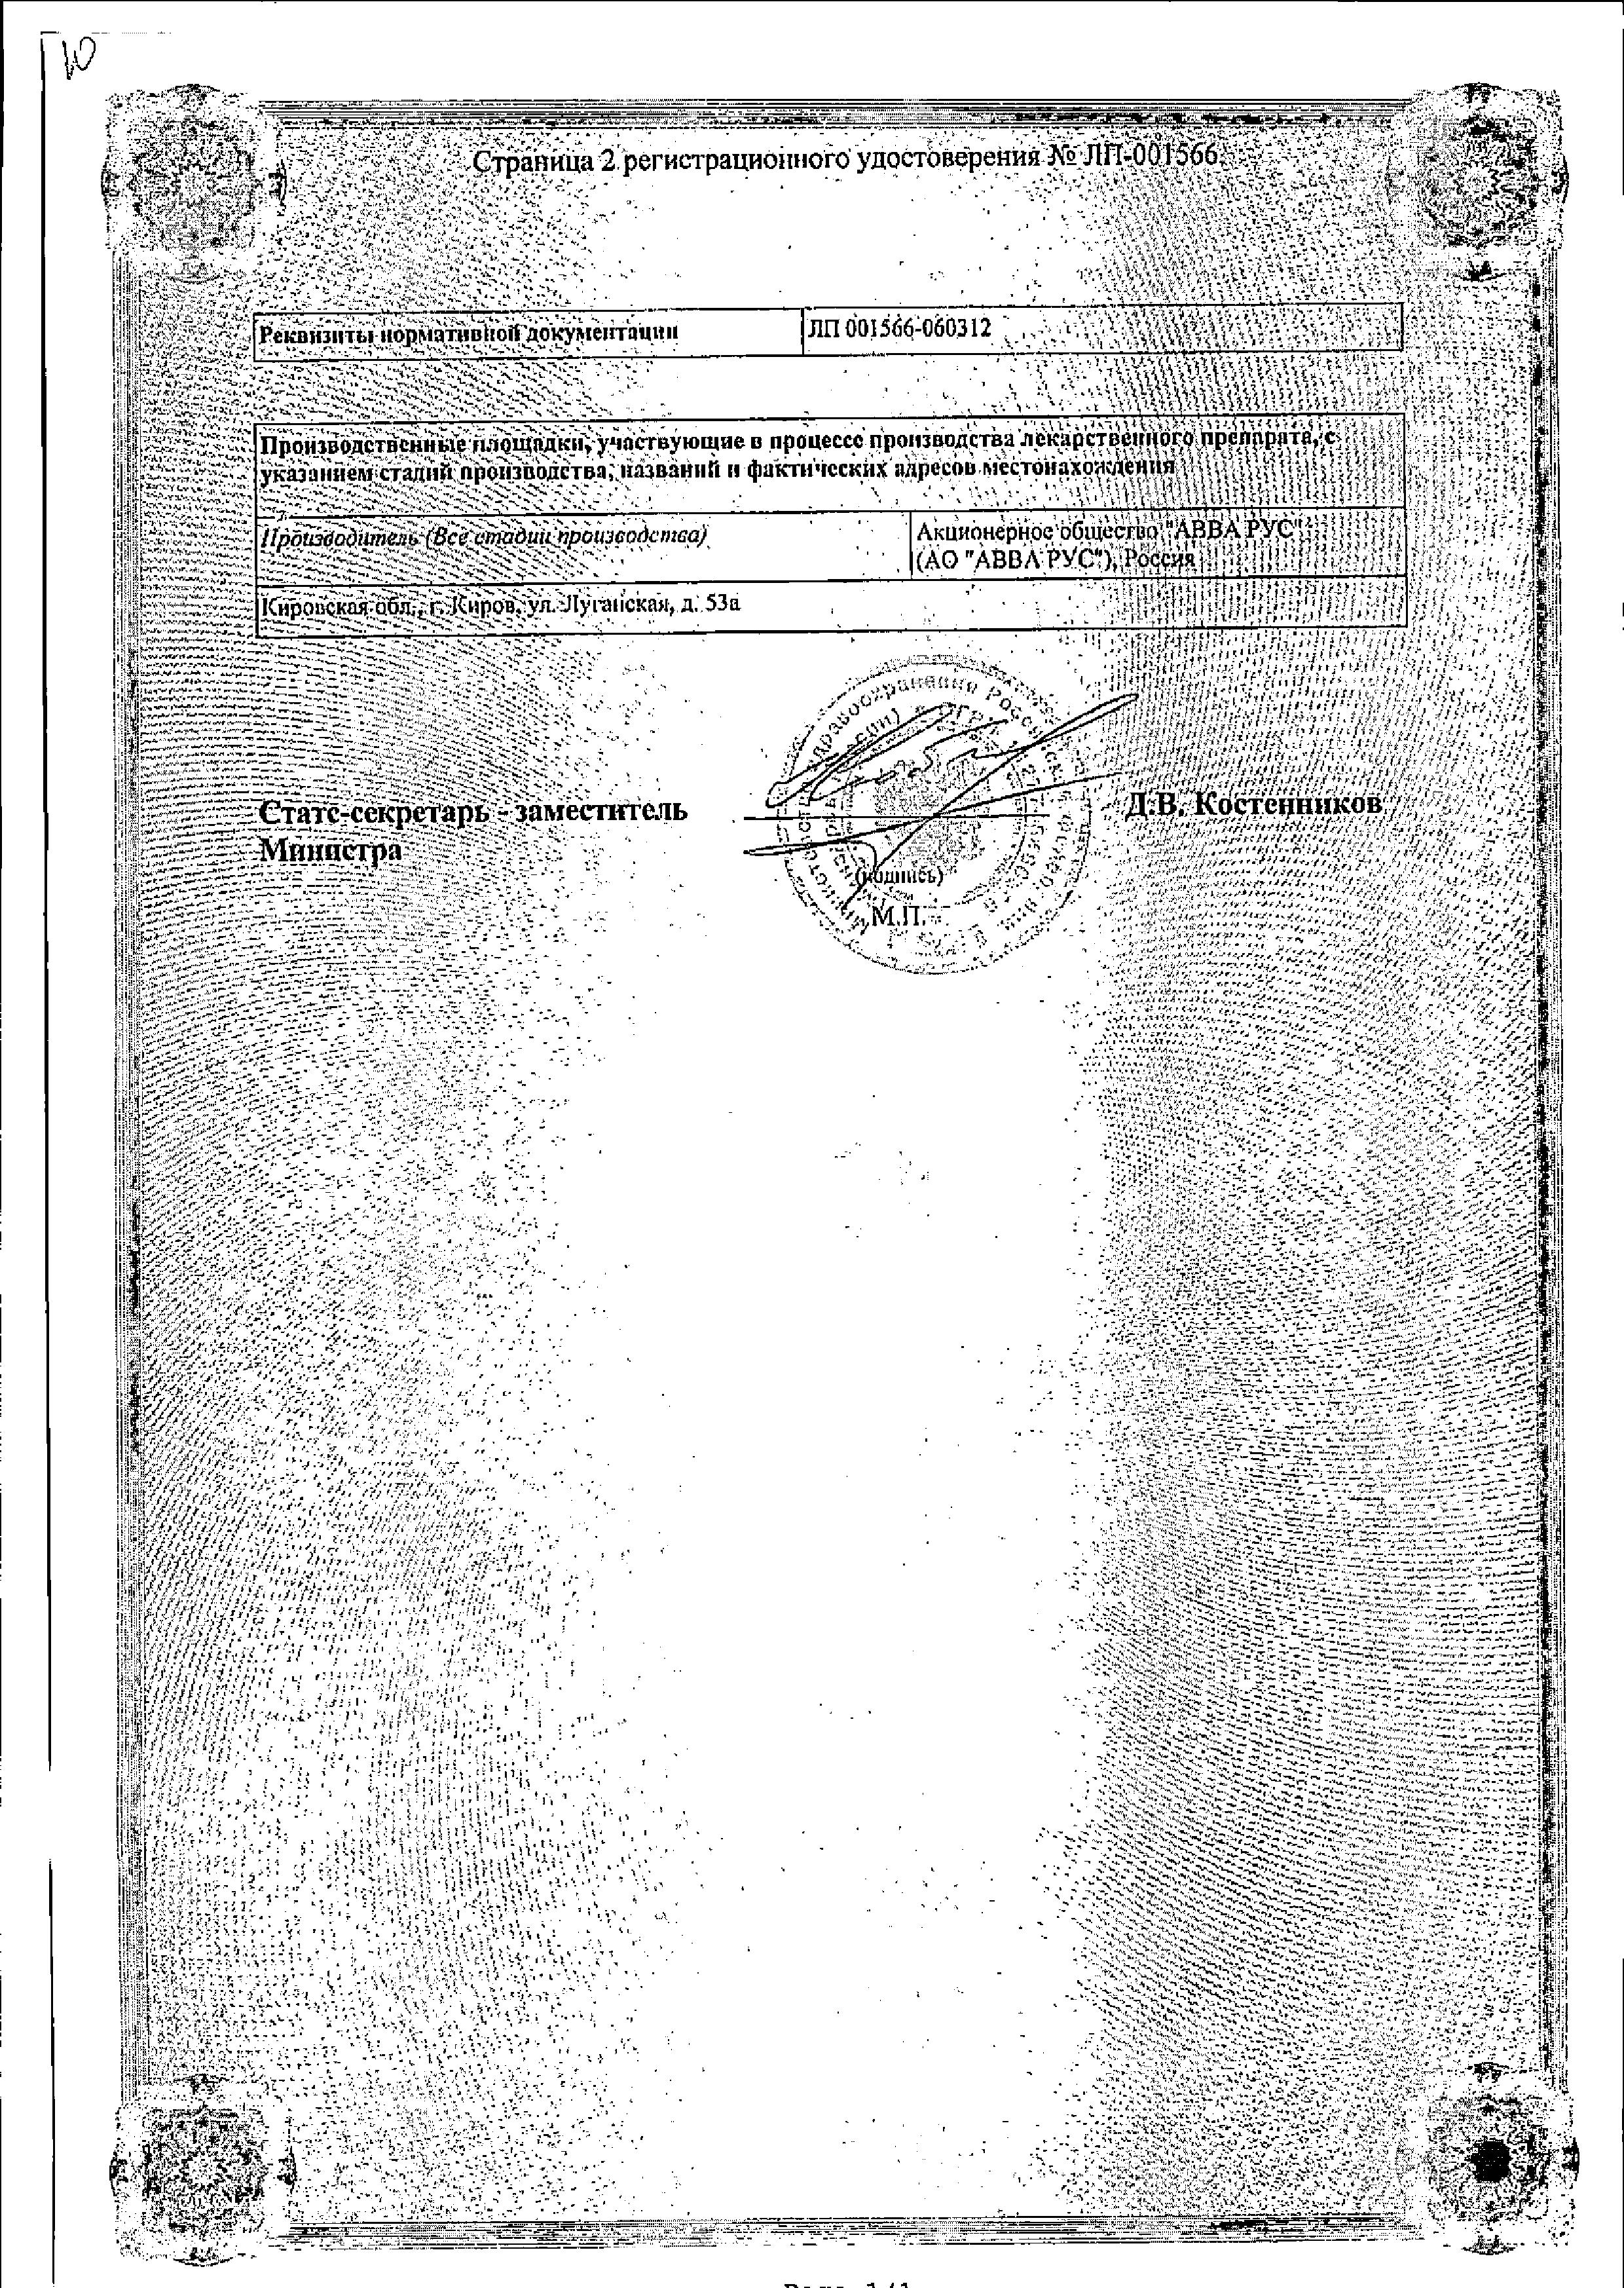 Экофурил сертификат